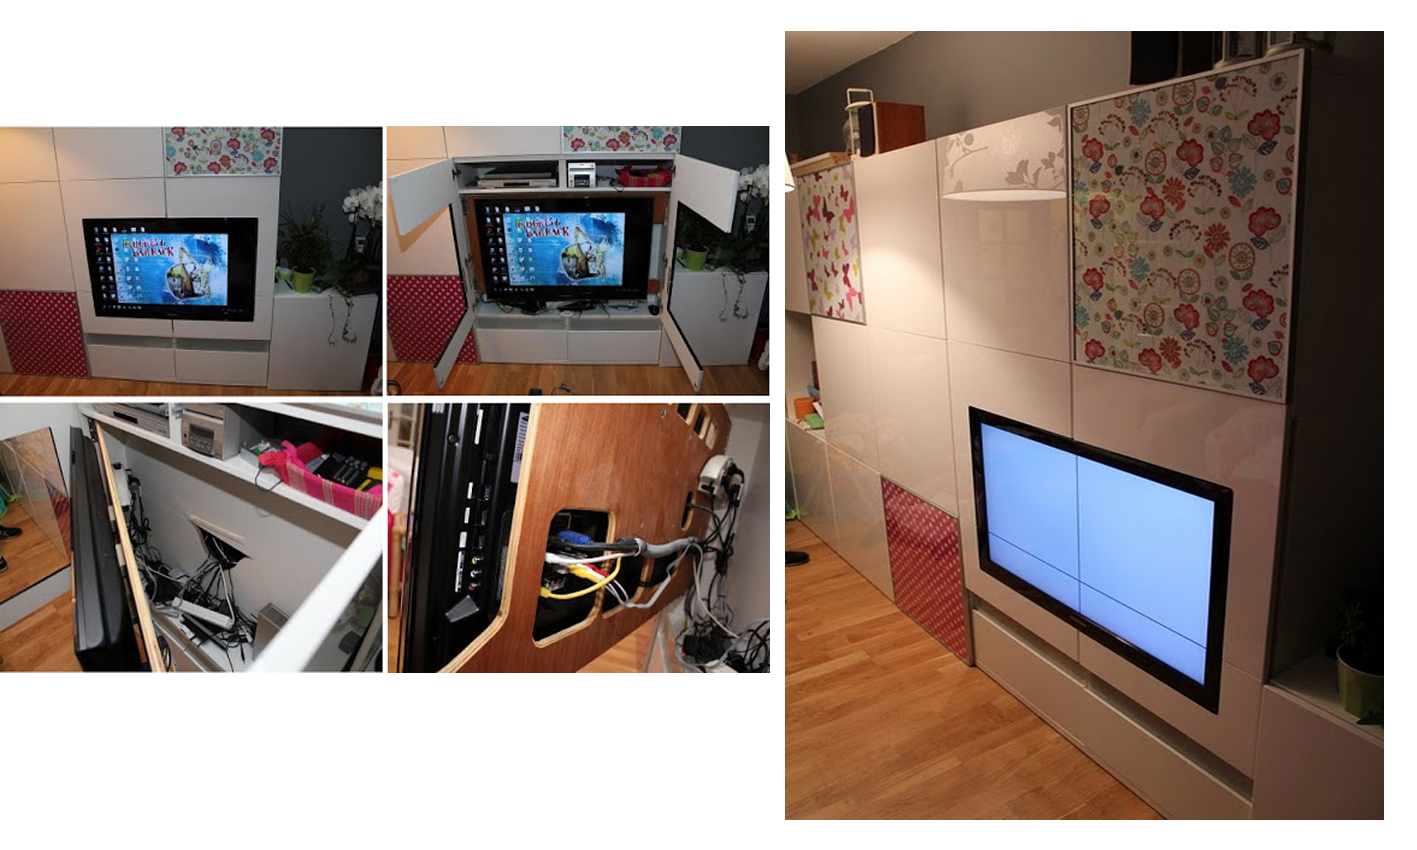 reciclar, redecorar y transformar mueble besta de ikea en decoración